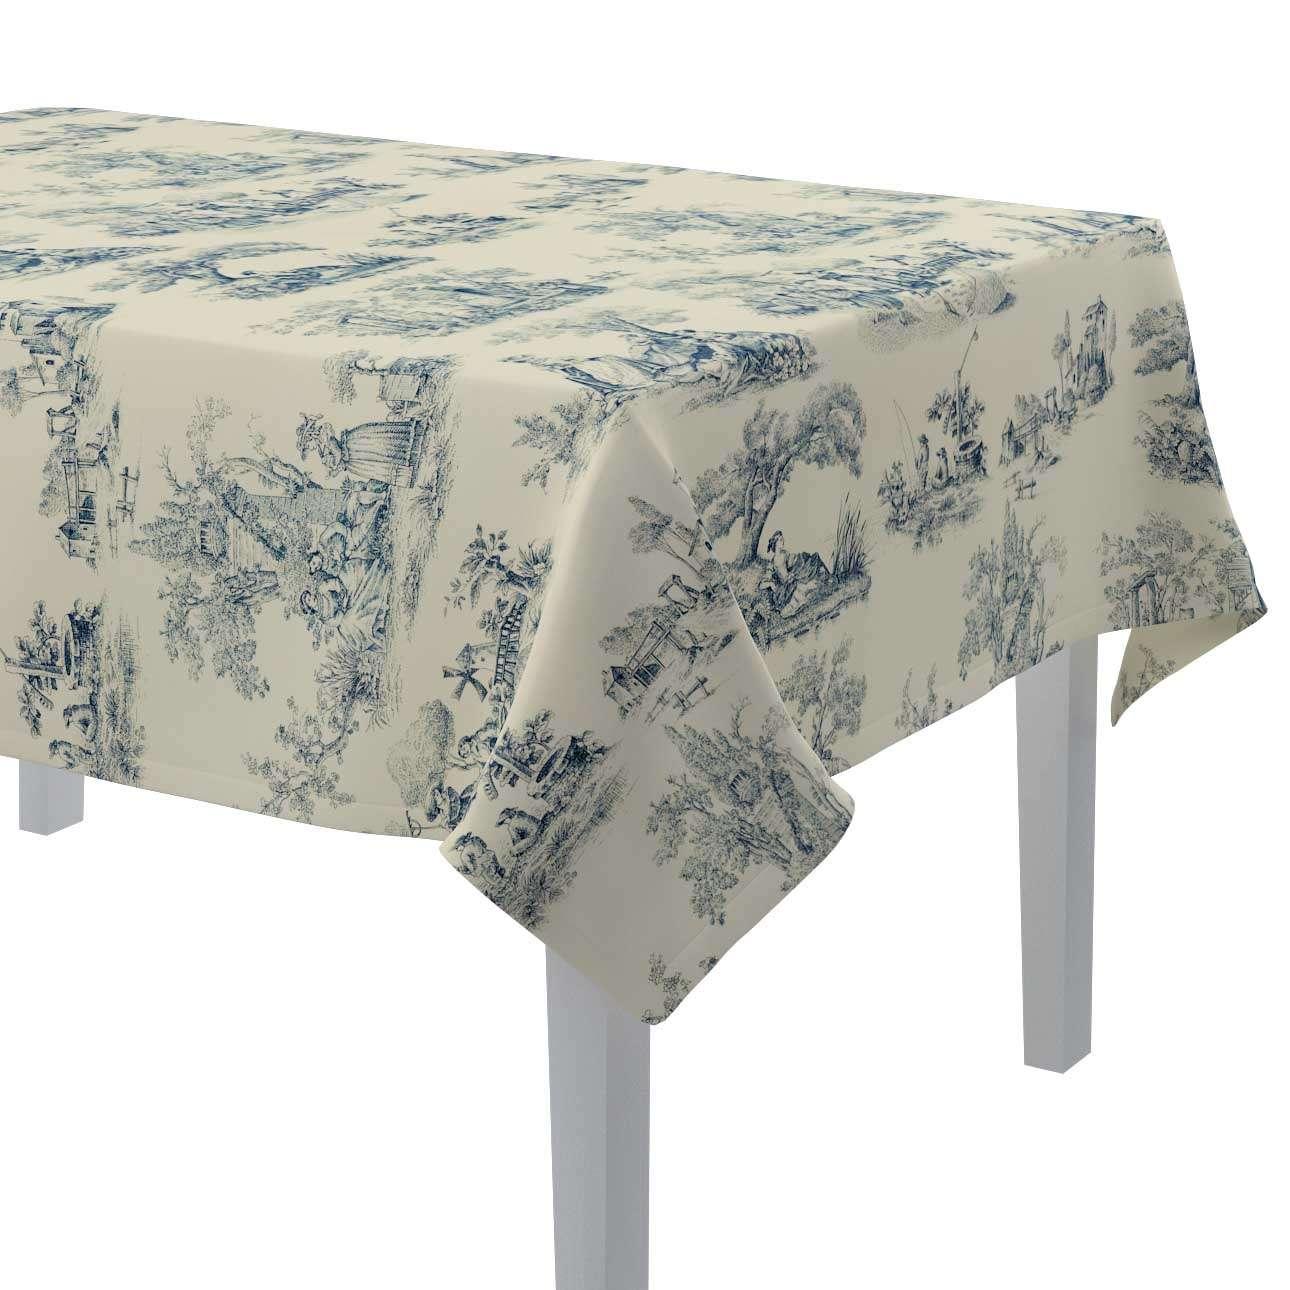 Rektangulär bordsduk  i kollektionen Avinon, Tyg: 132-66